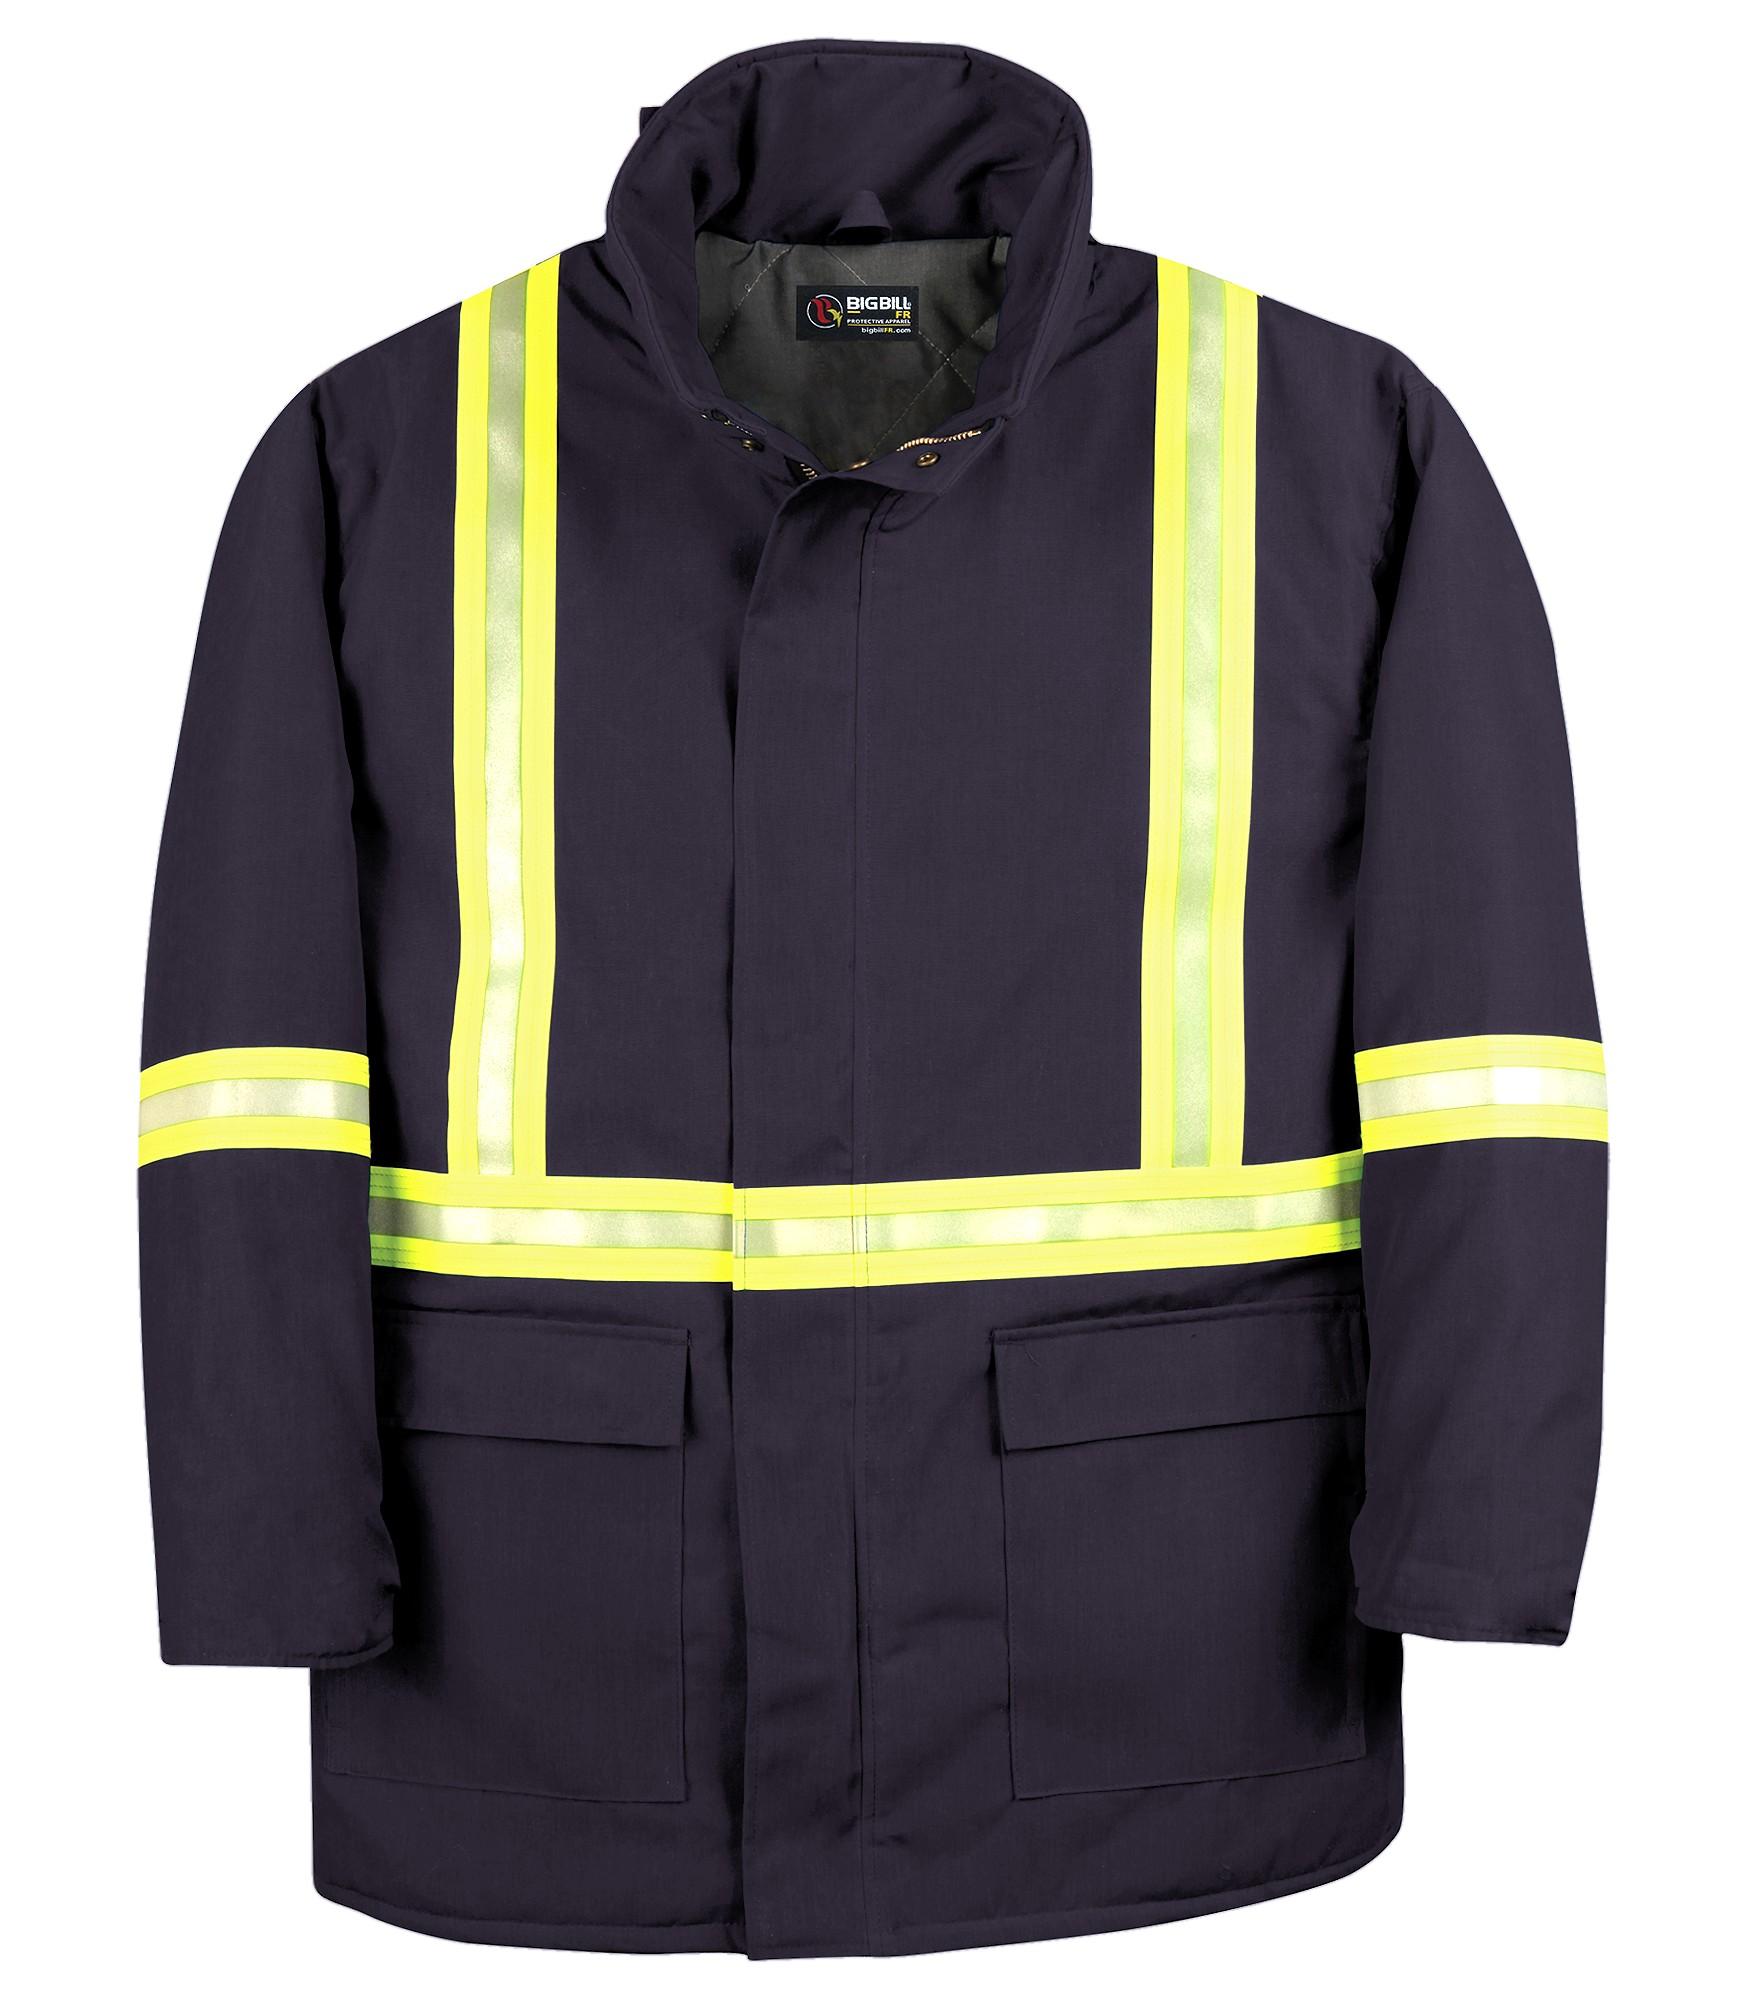 AMP_CA   Big Bill® Flame Resistant Nomex® IIIA® High